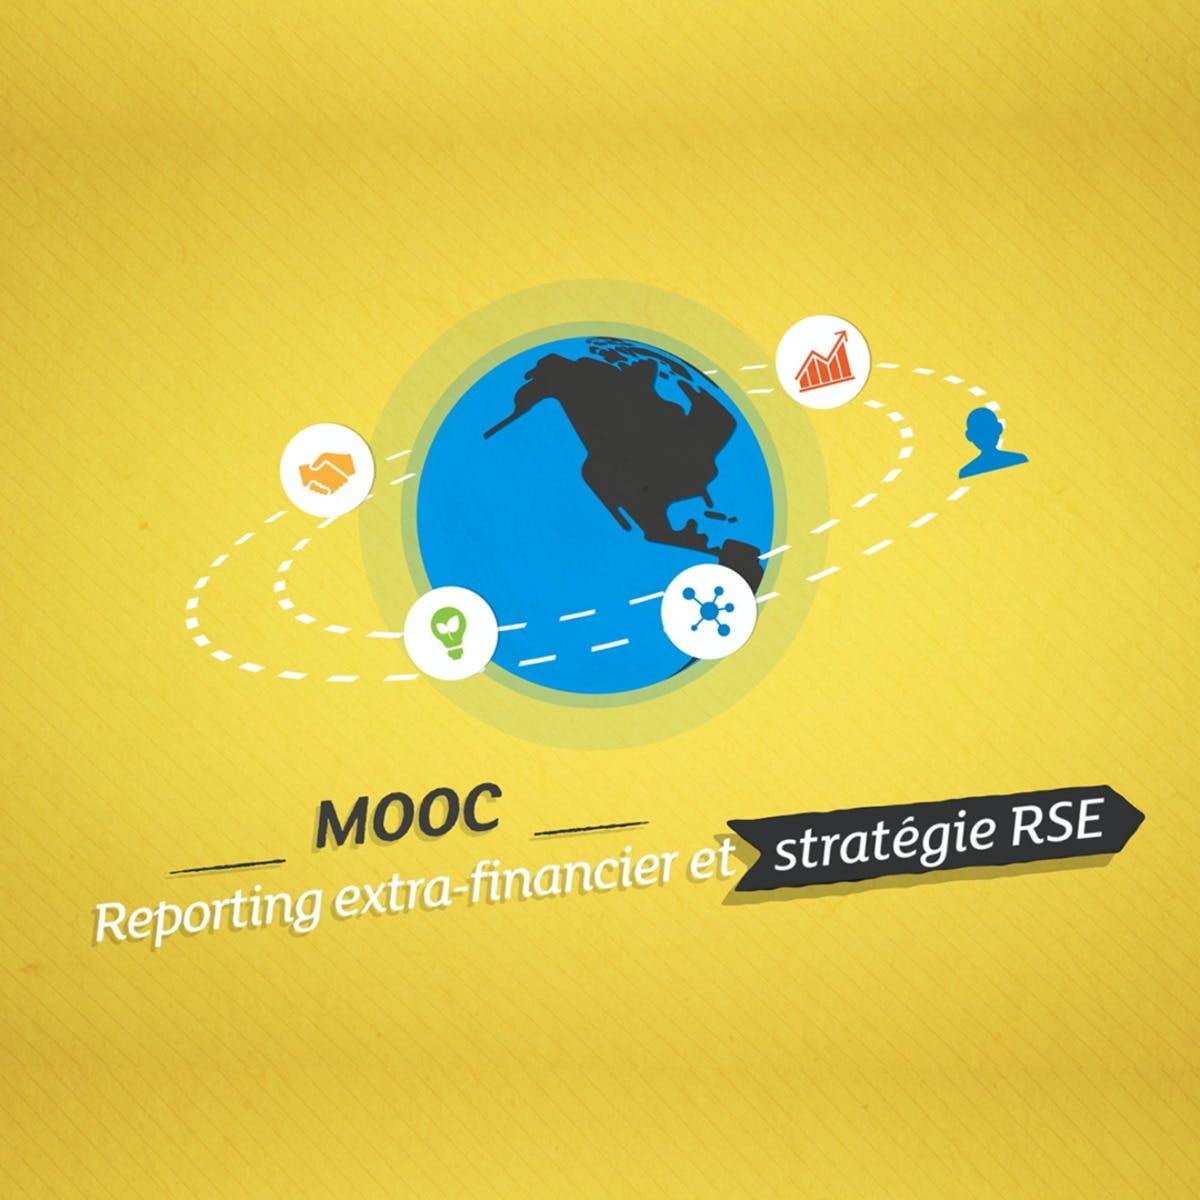 Reporting extra-financier et stratégie RSE